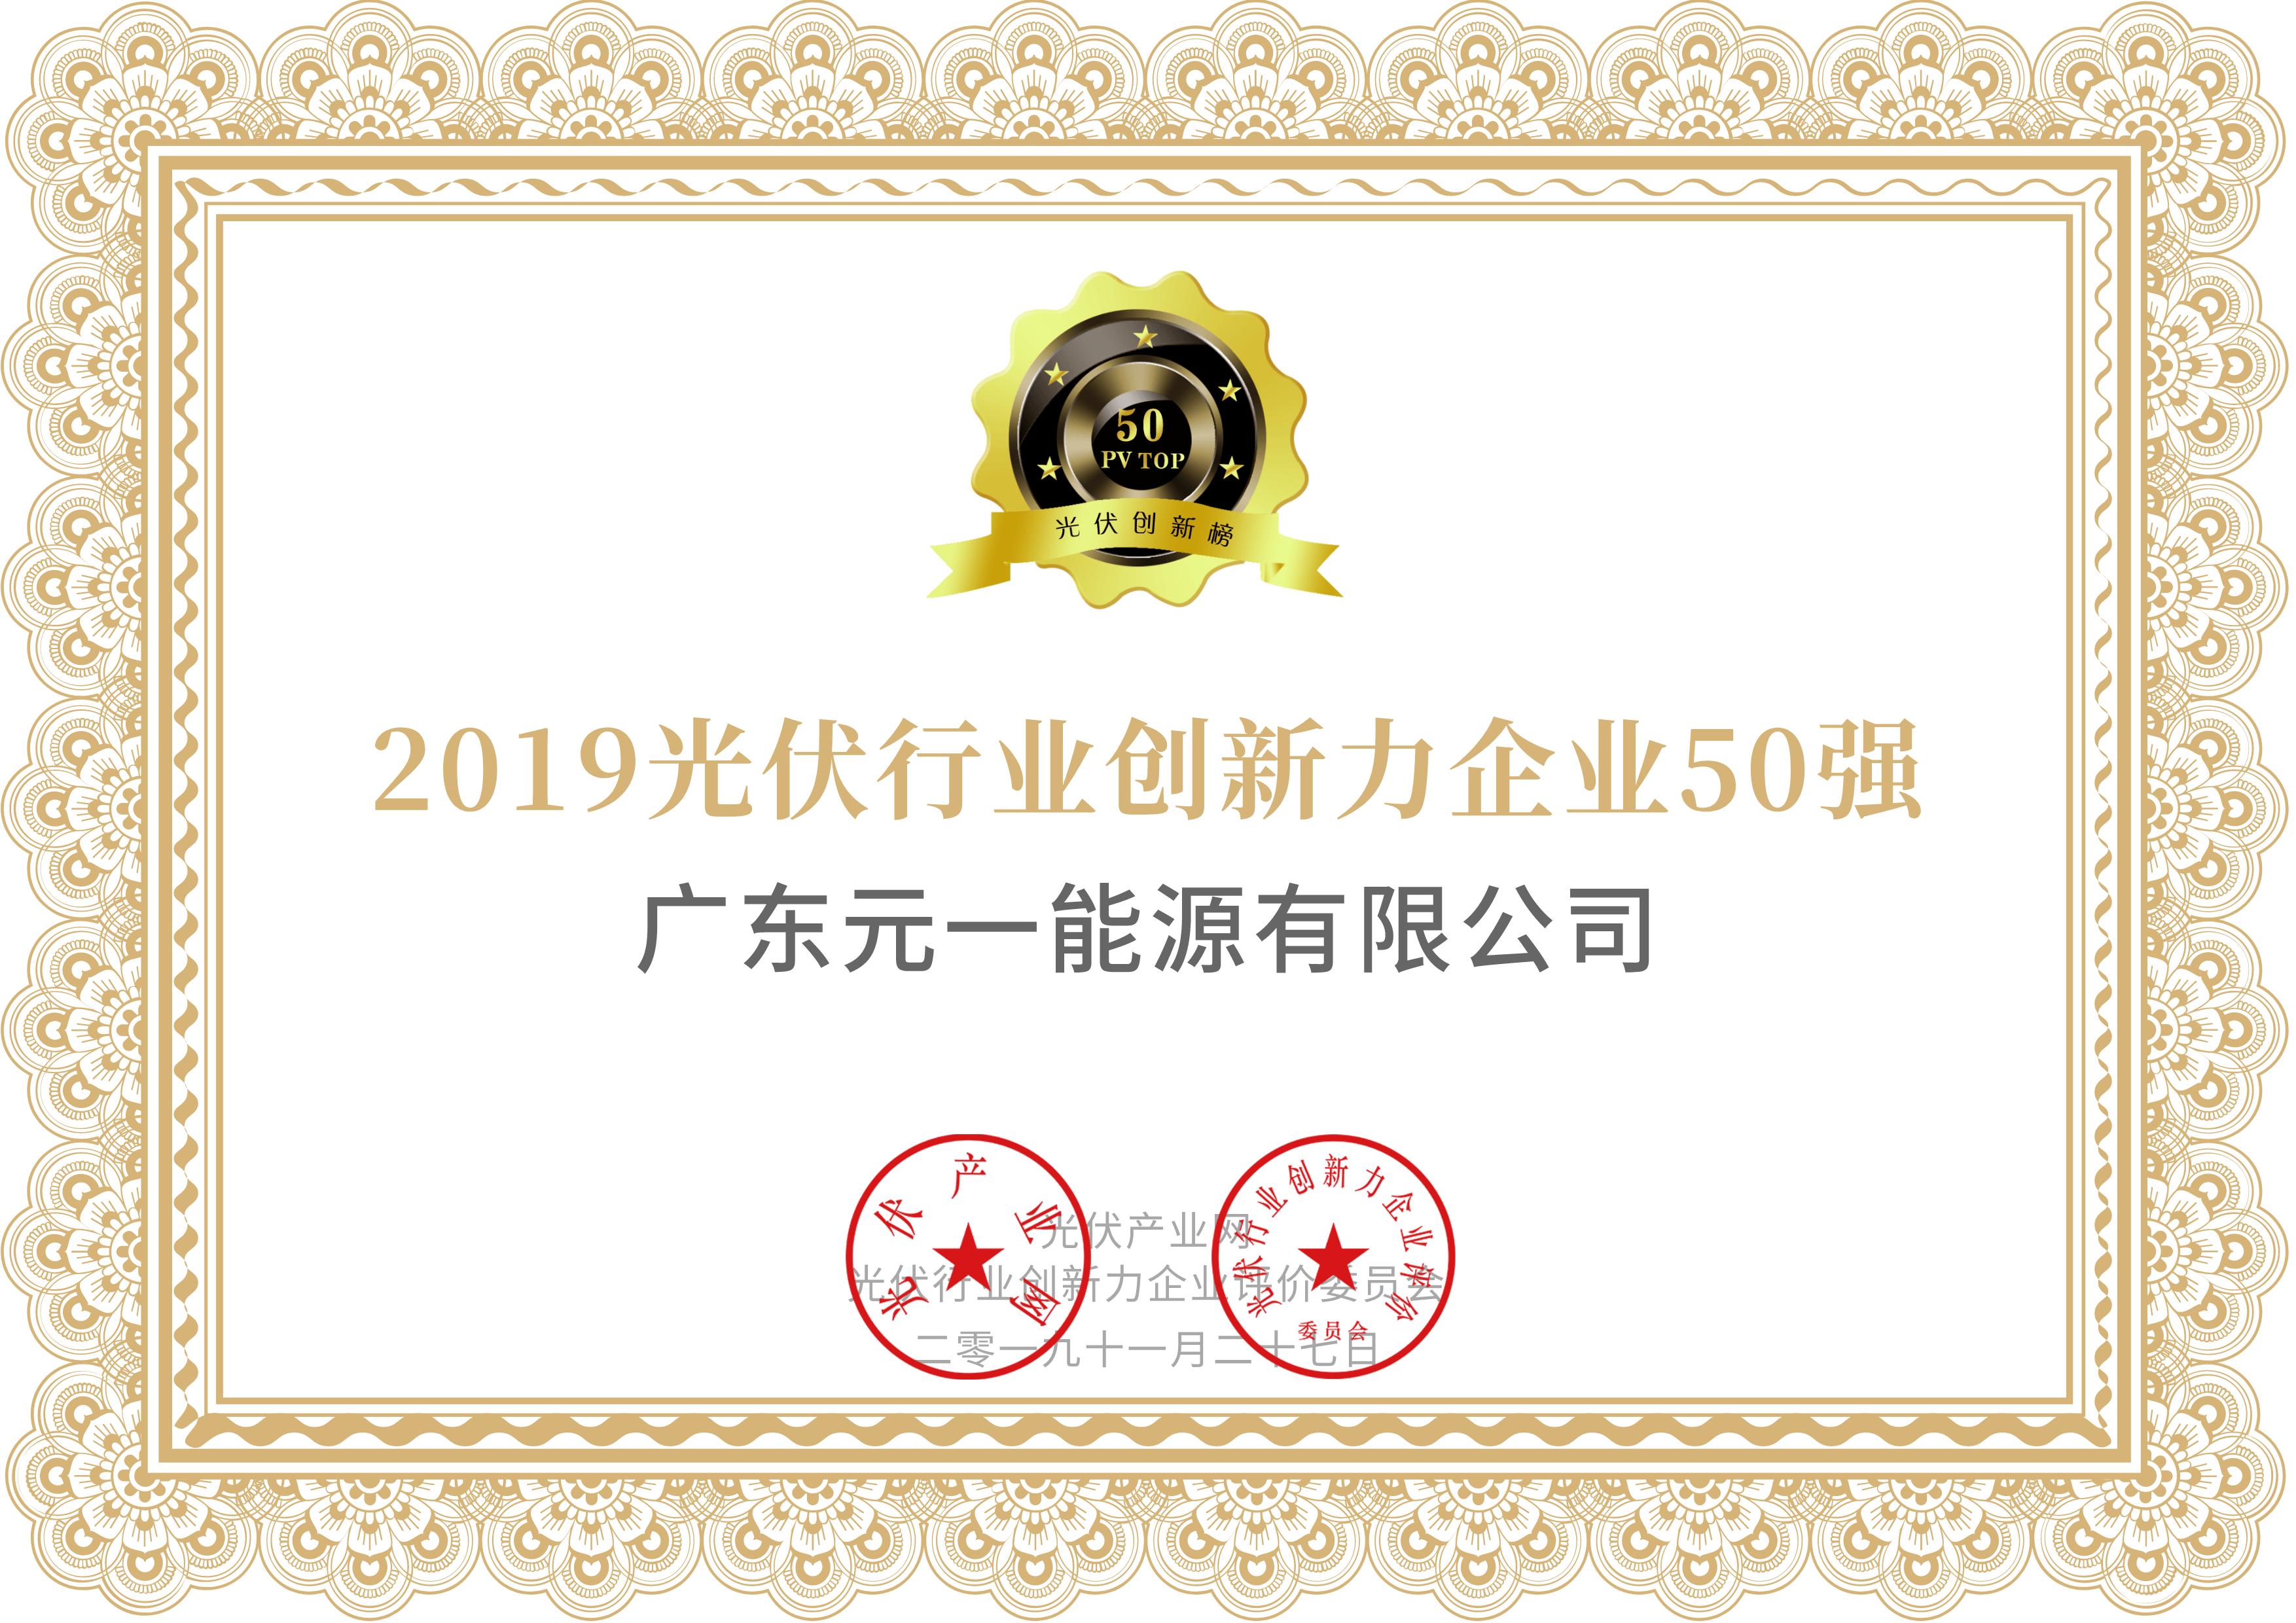 2019光伏行业创新力企业50强